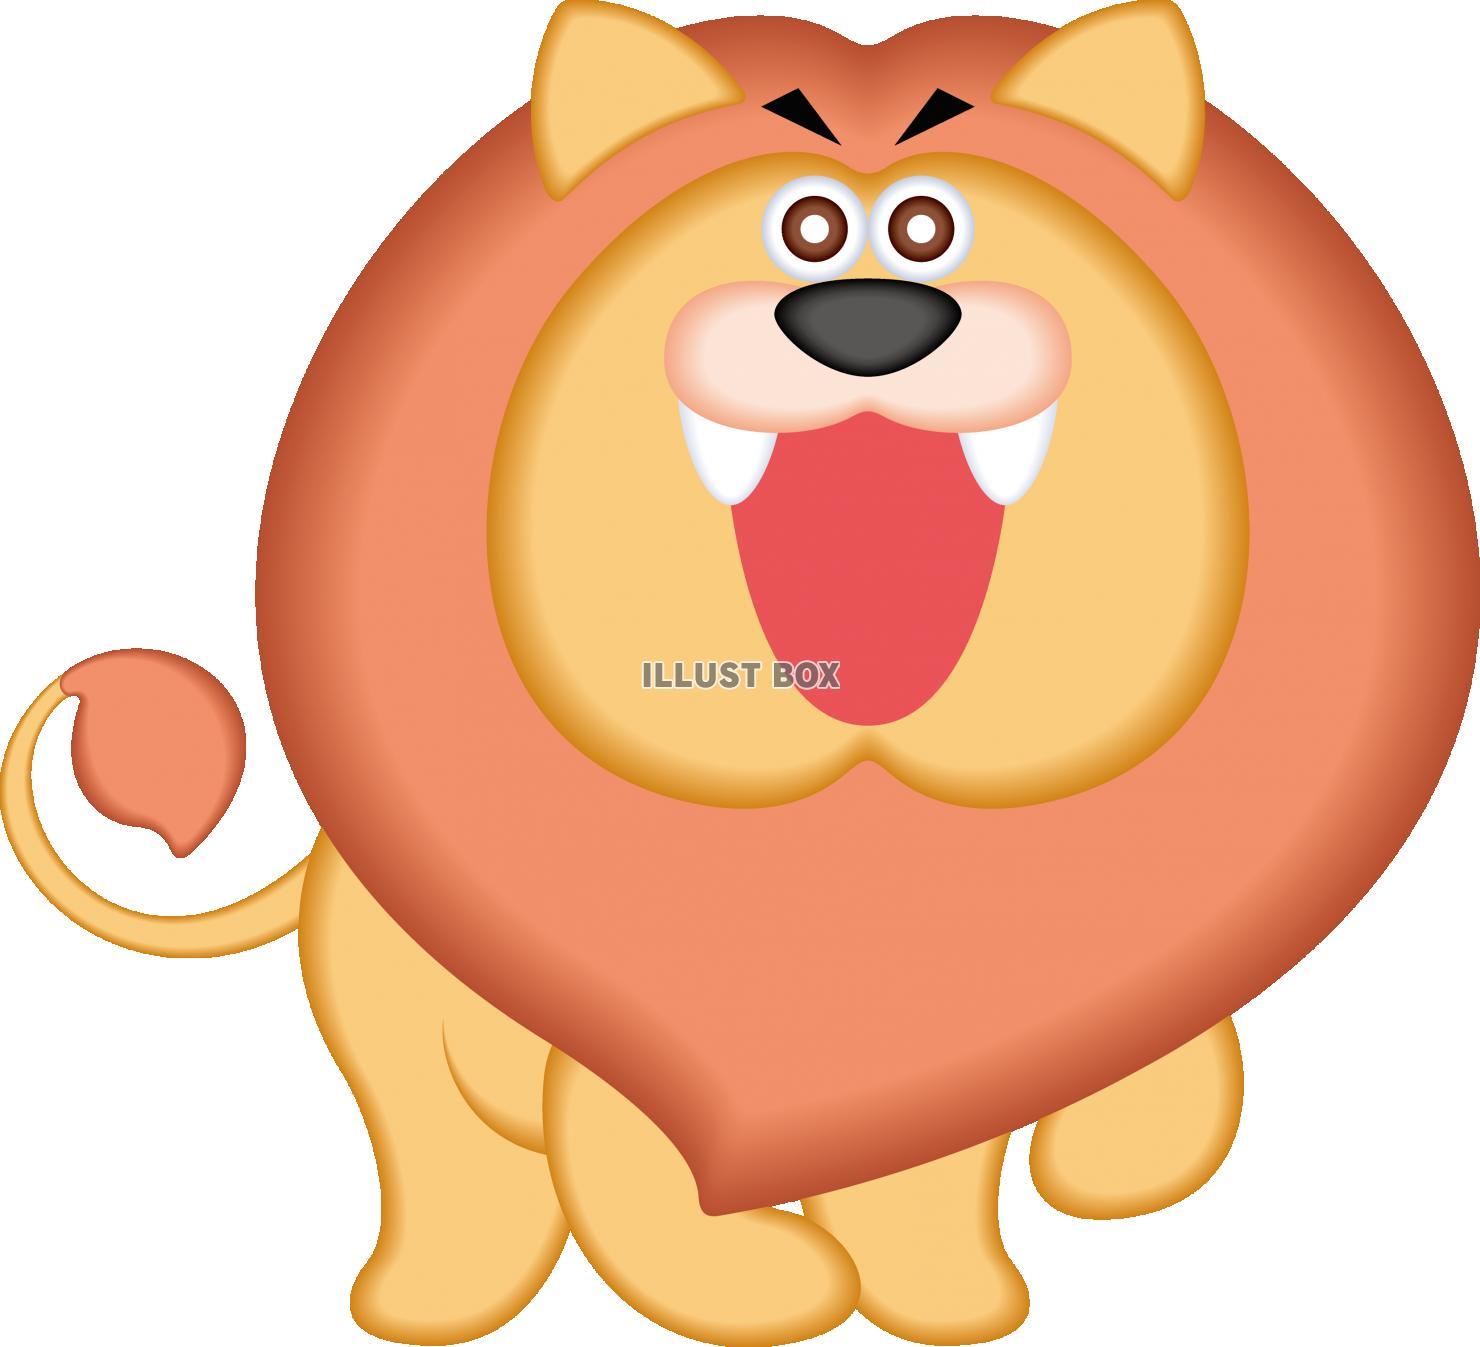 無料イラスト 動物 キャラクター ライオン